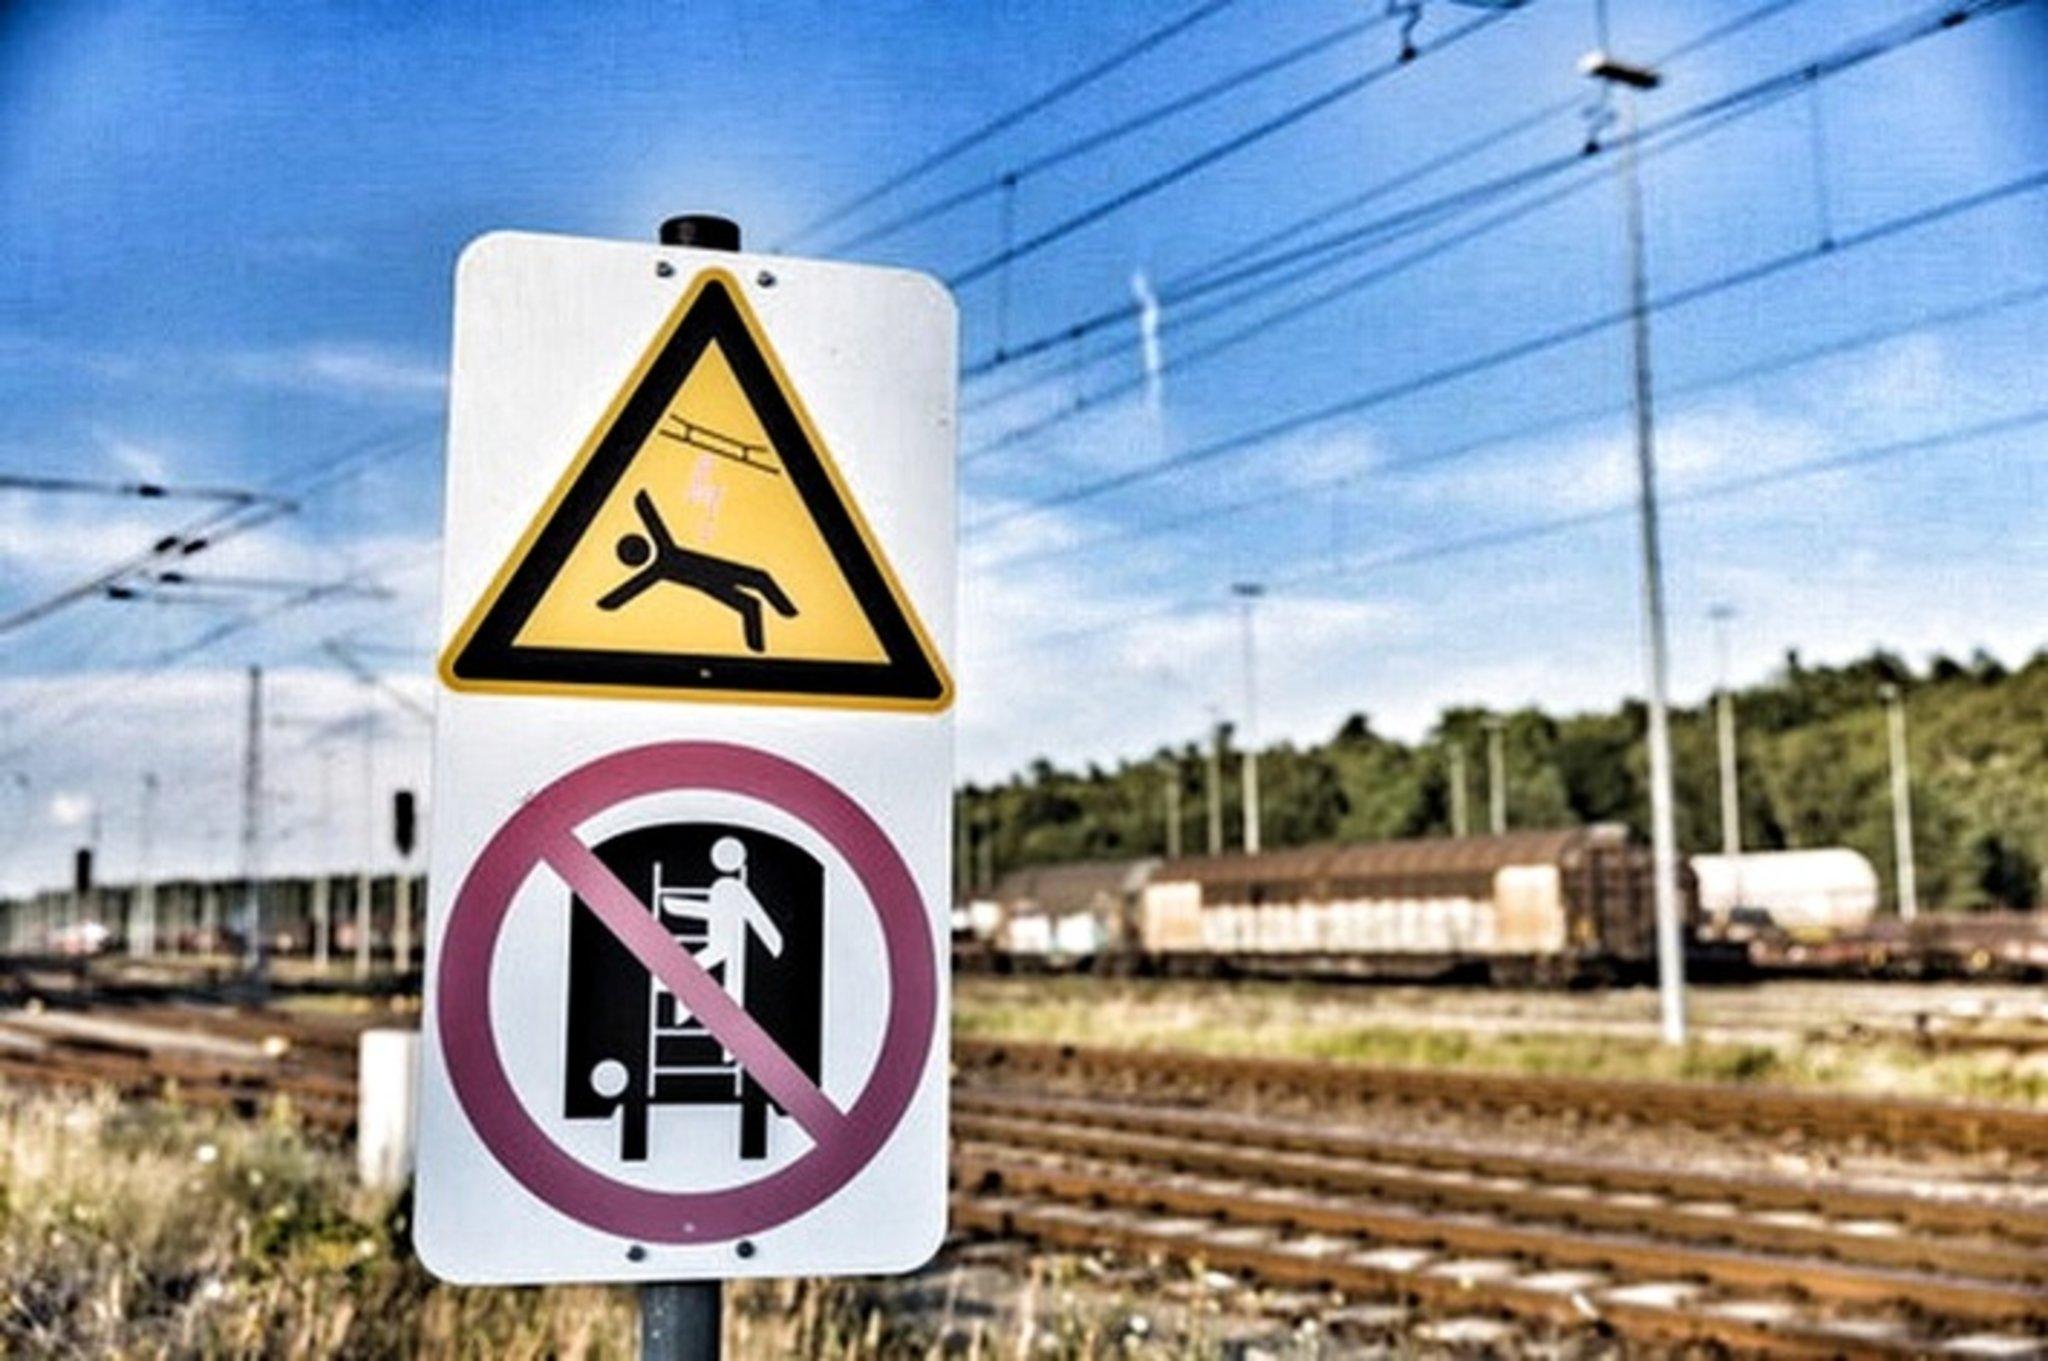 Lebensgefährliche Gleisüberschreitung führte zu Drogen - Marl - Lokalkompass.de